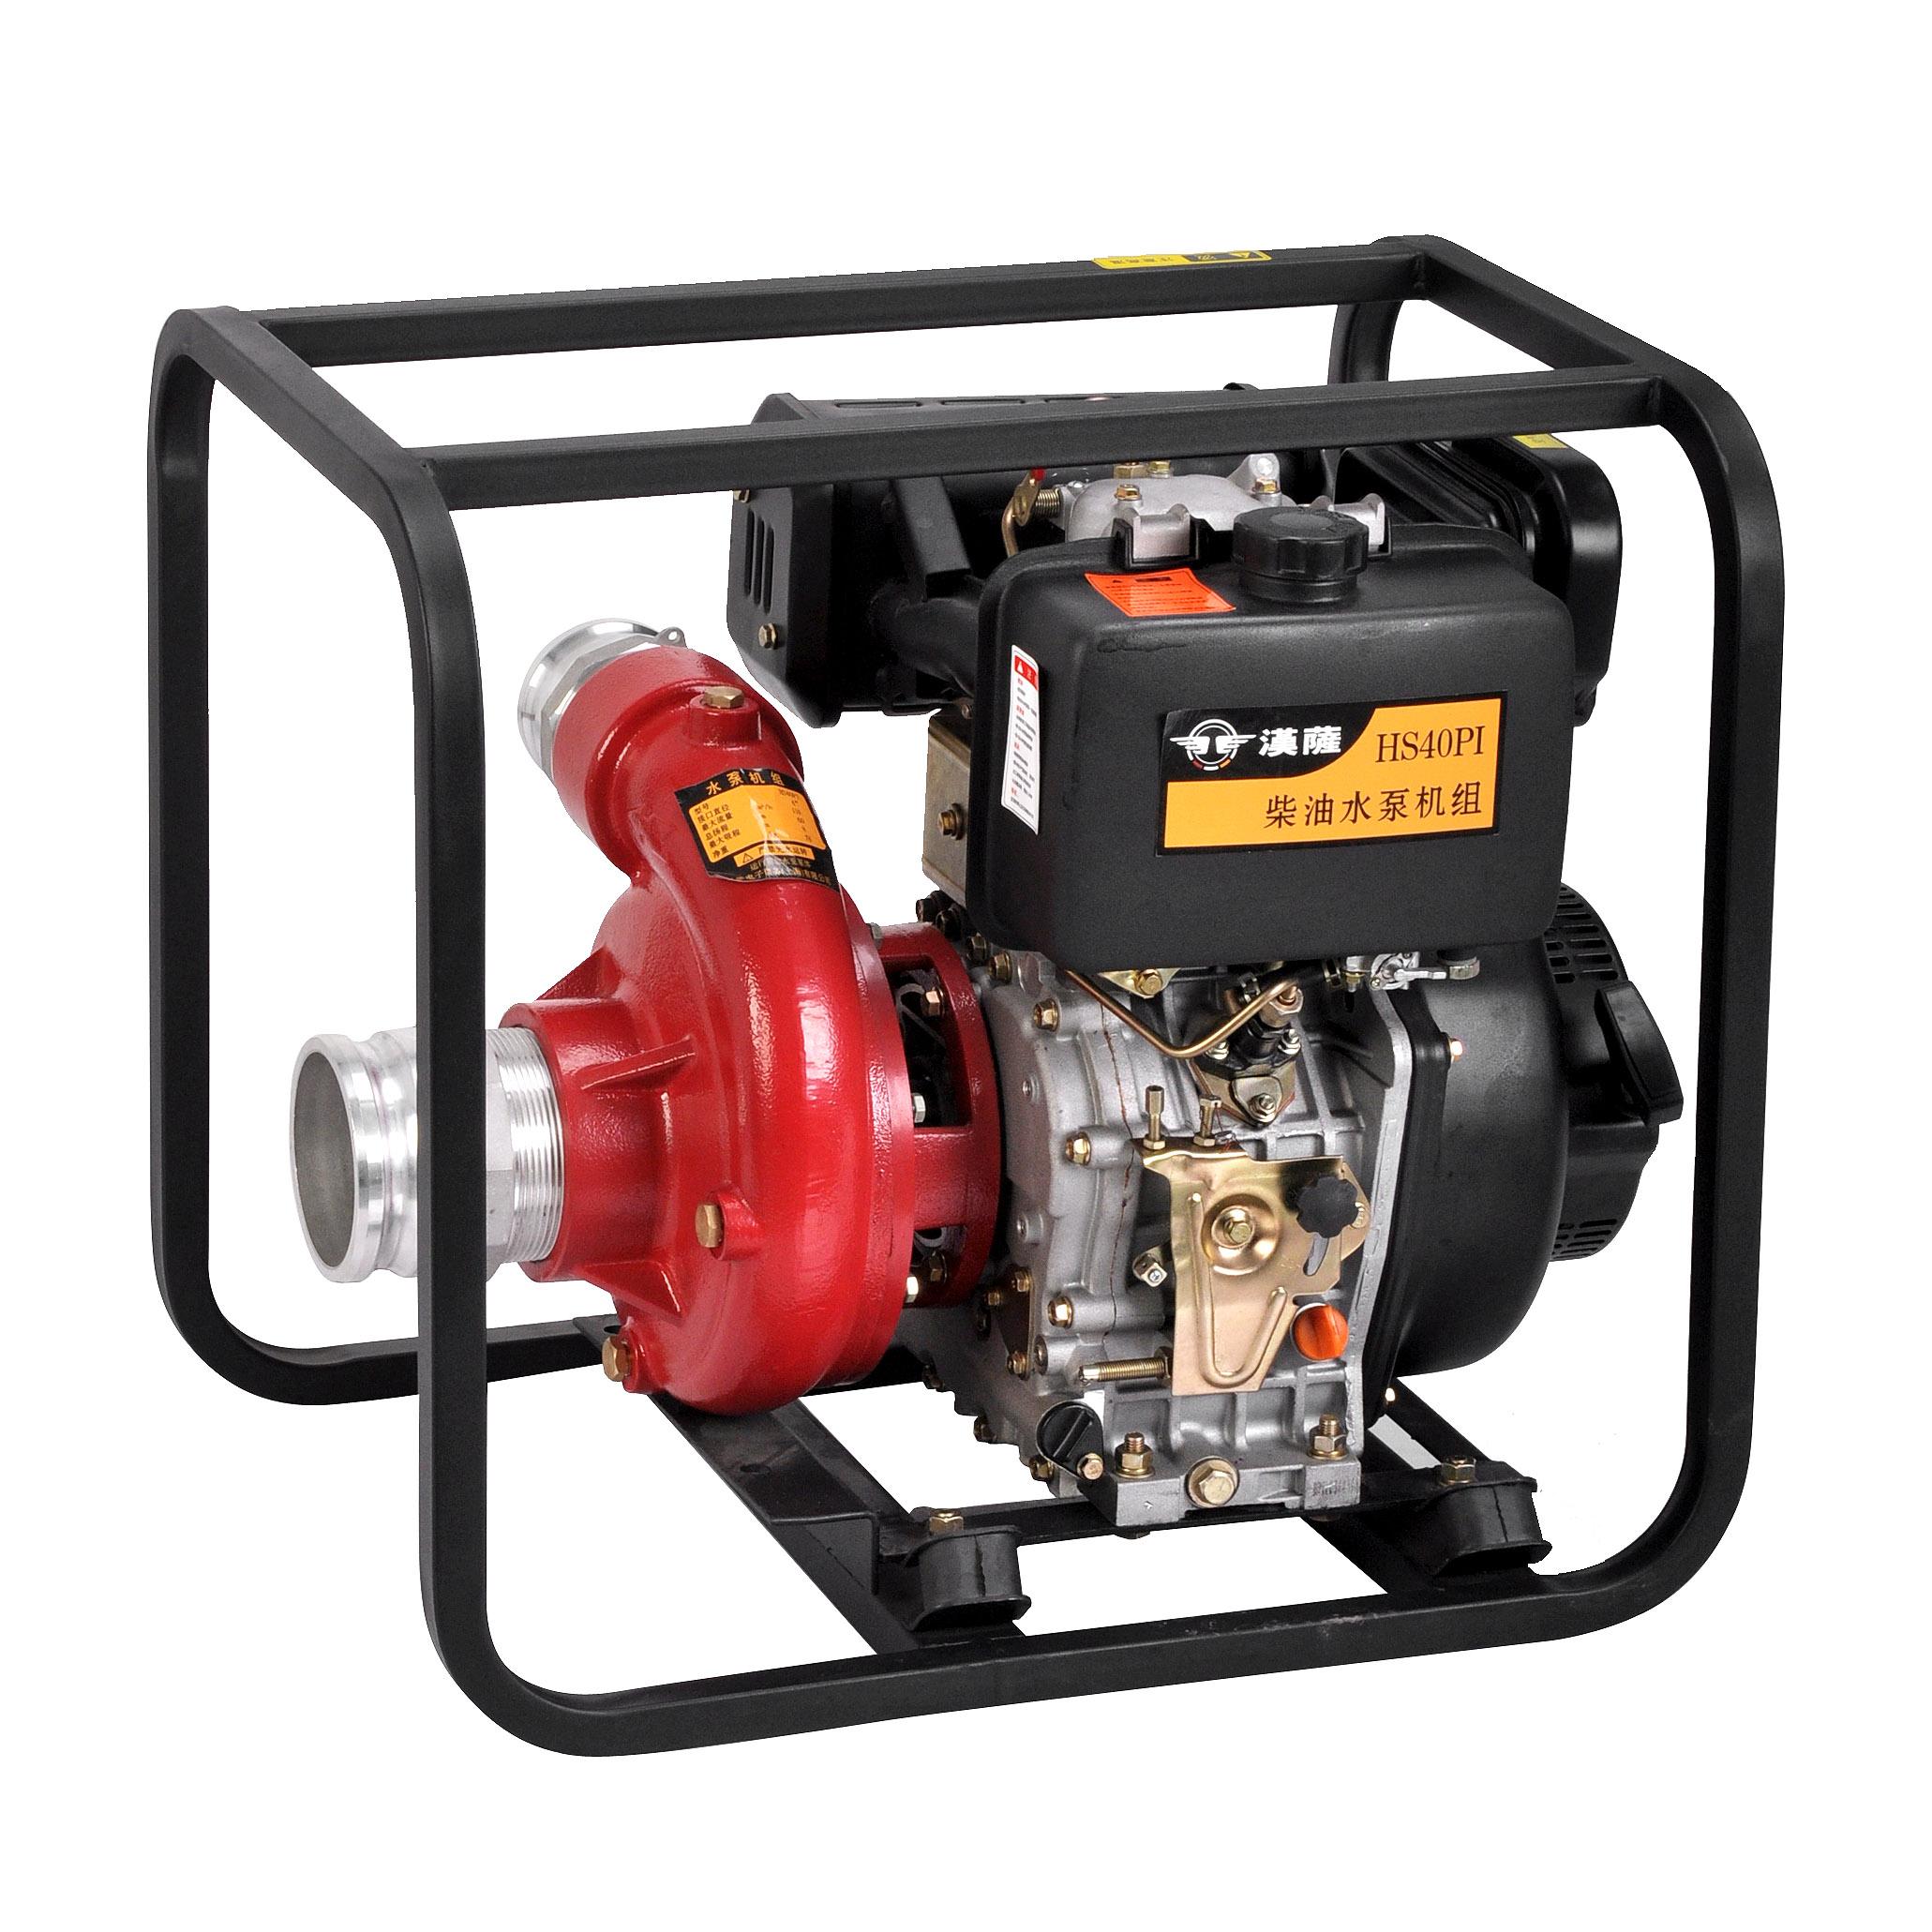 4寸柴油高压水泵——HS-40PI